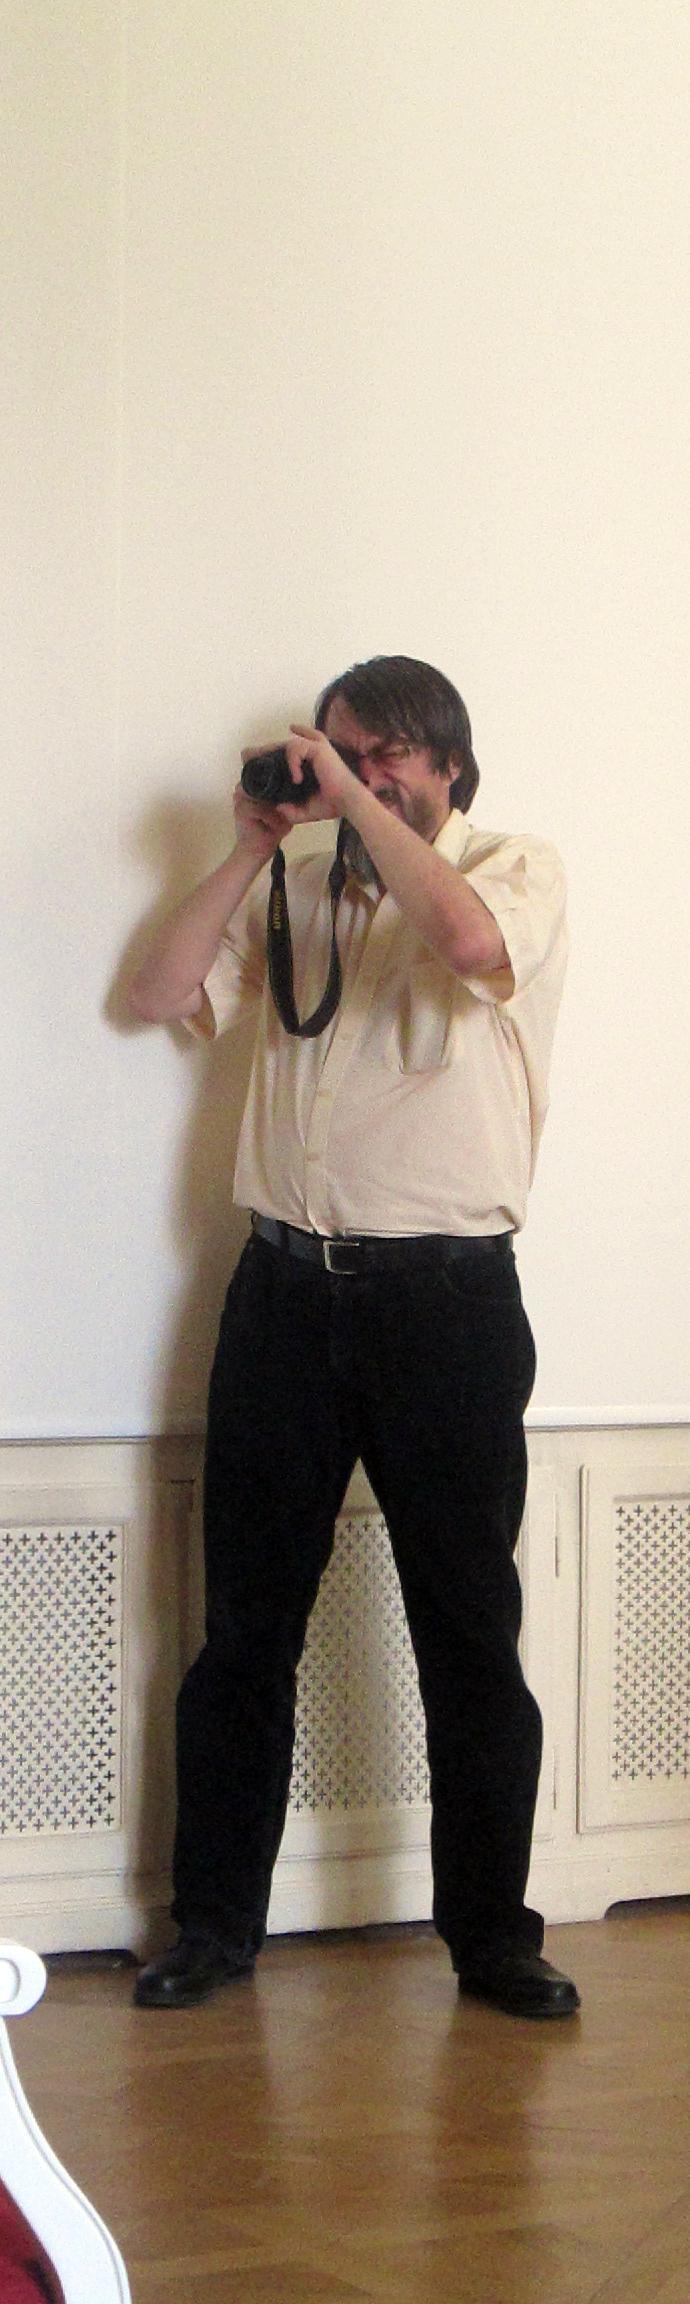 Marcel Răduț Seliște, pe post de arhivar de clipe.